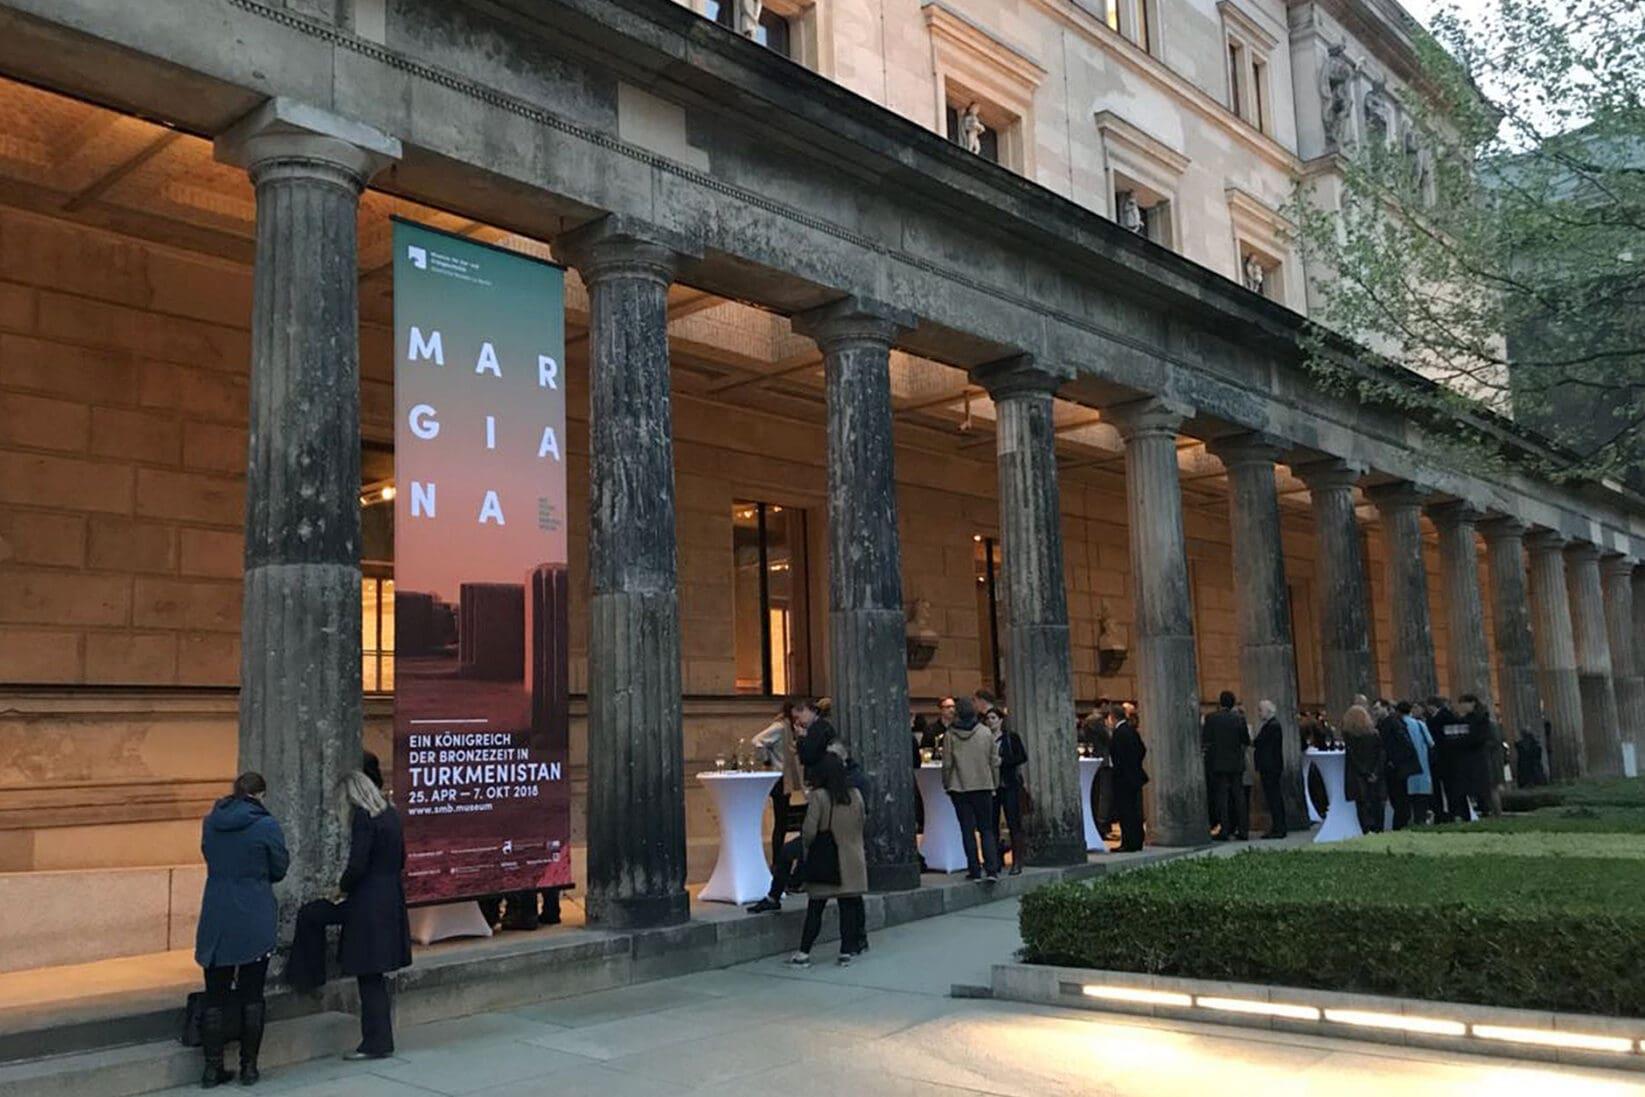 Museumsinsel Berlin MARGIANA Eröffnung Empfang